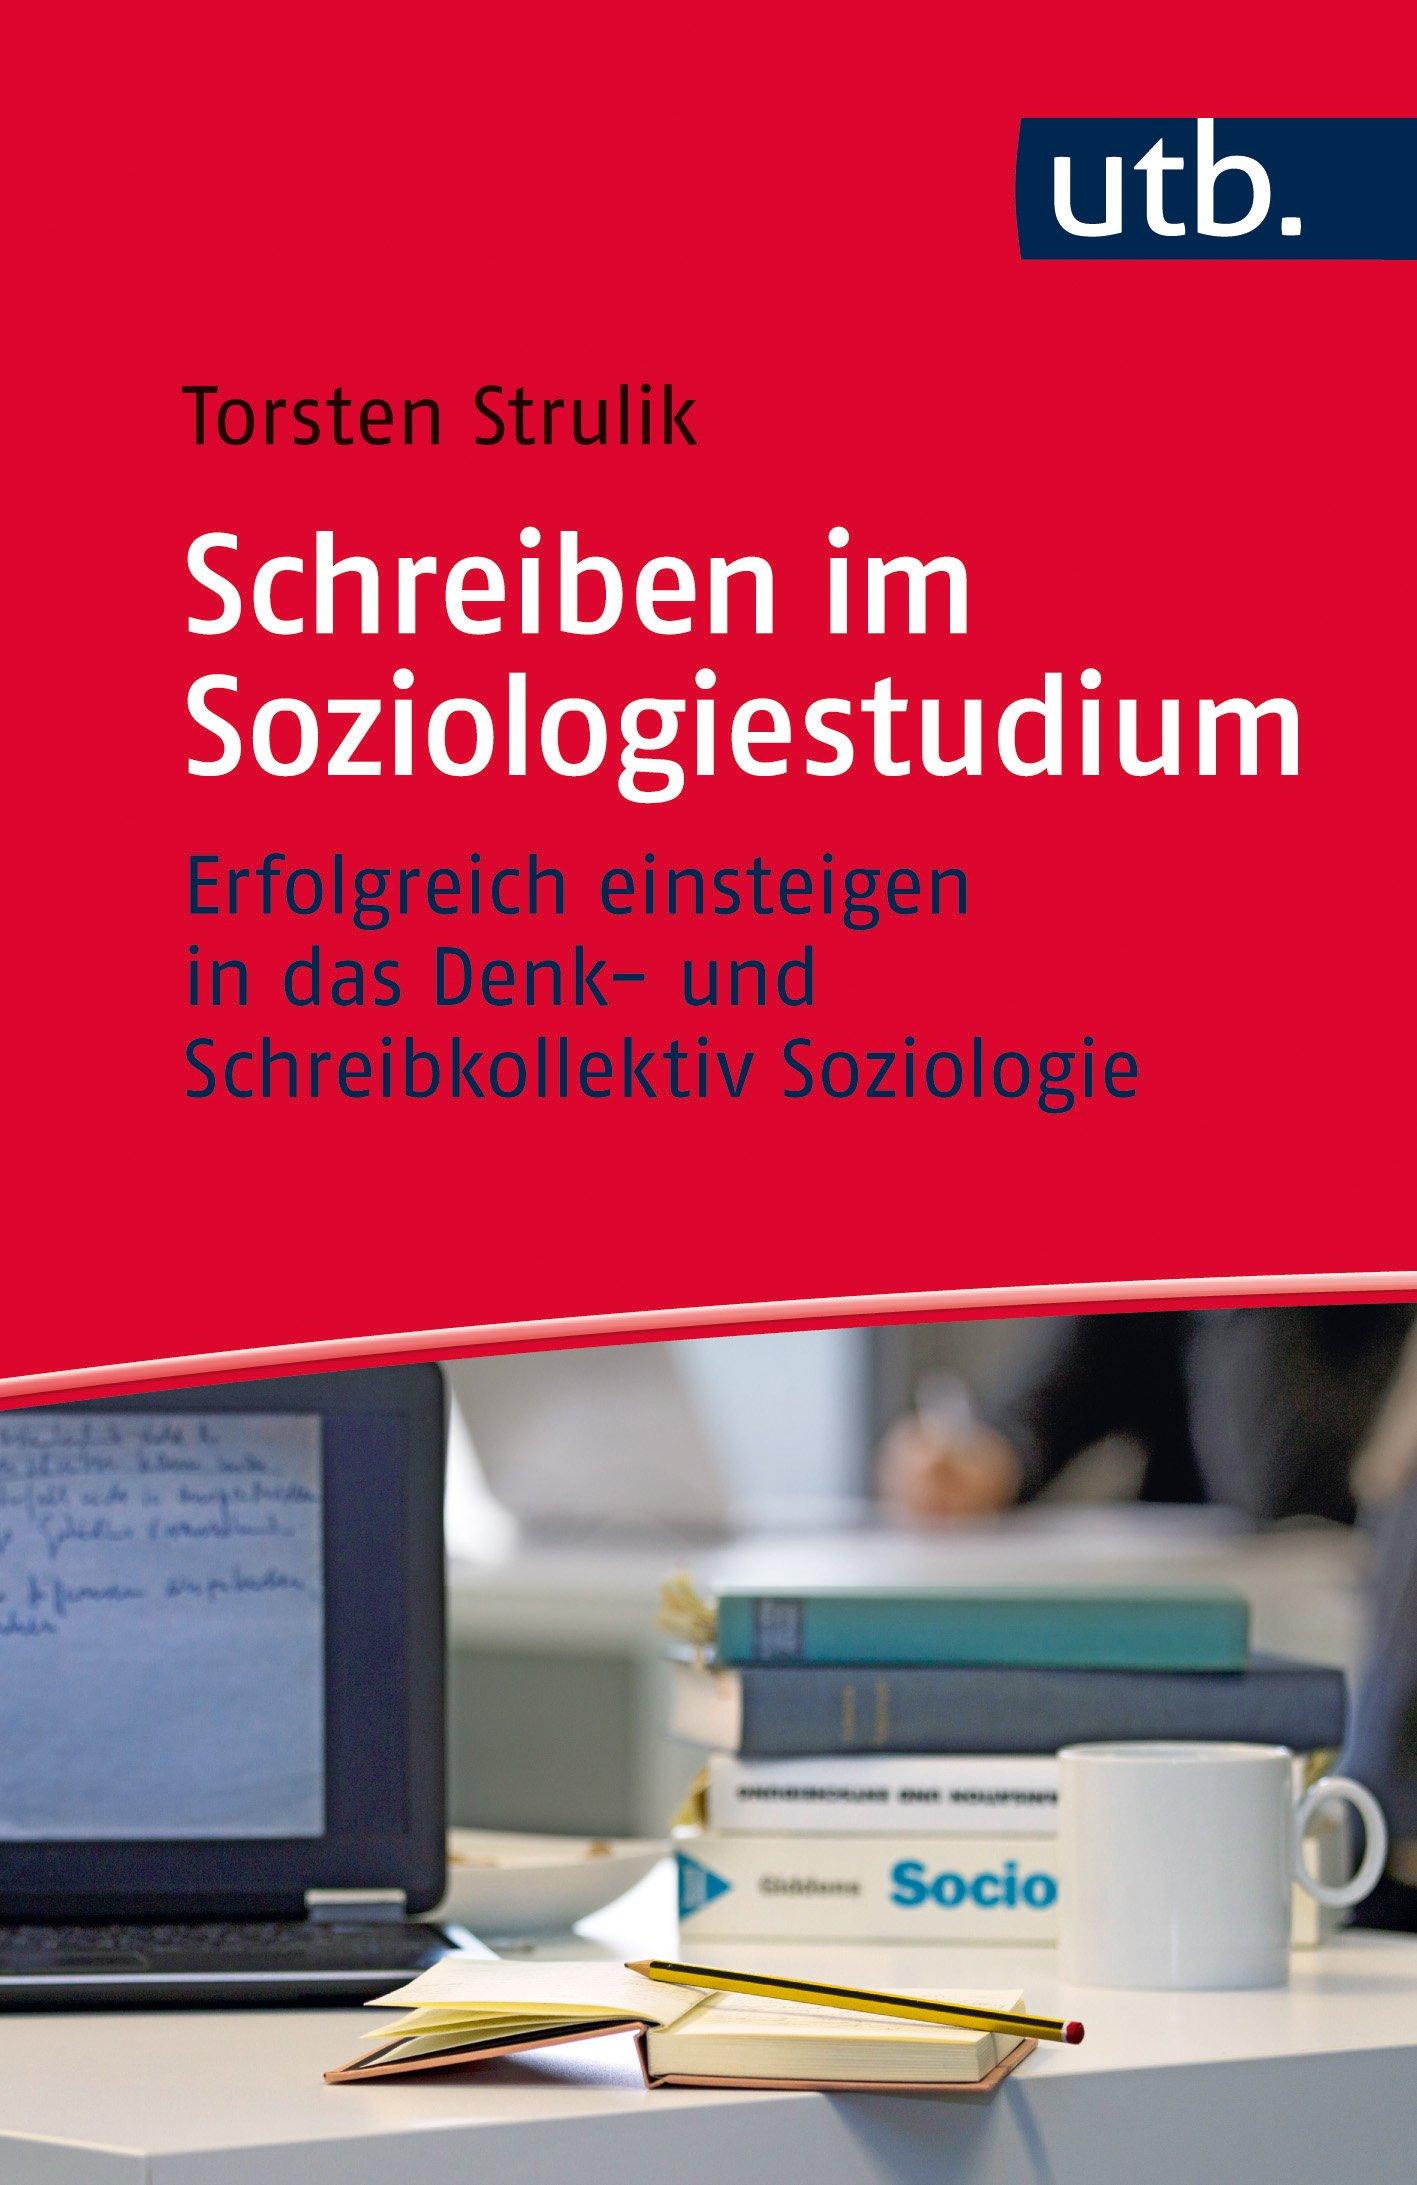 Schreiben im Soziologiestudium: Erfolgreich einsteigen in das Denk- und Schreibkollektiv Soziologie (Schreiben im Studium, Band 4572)